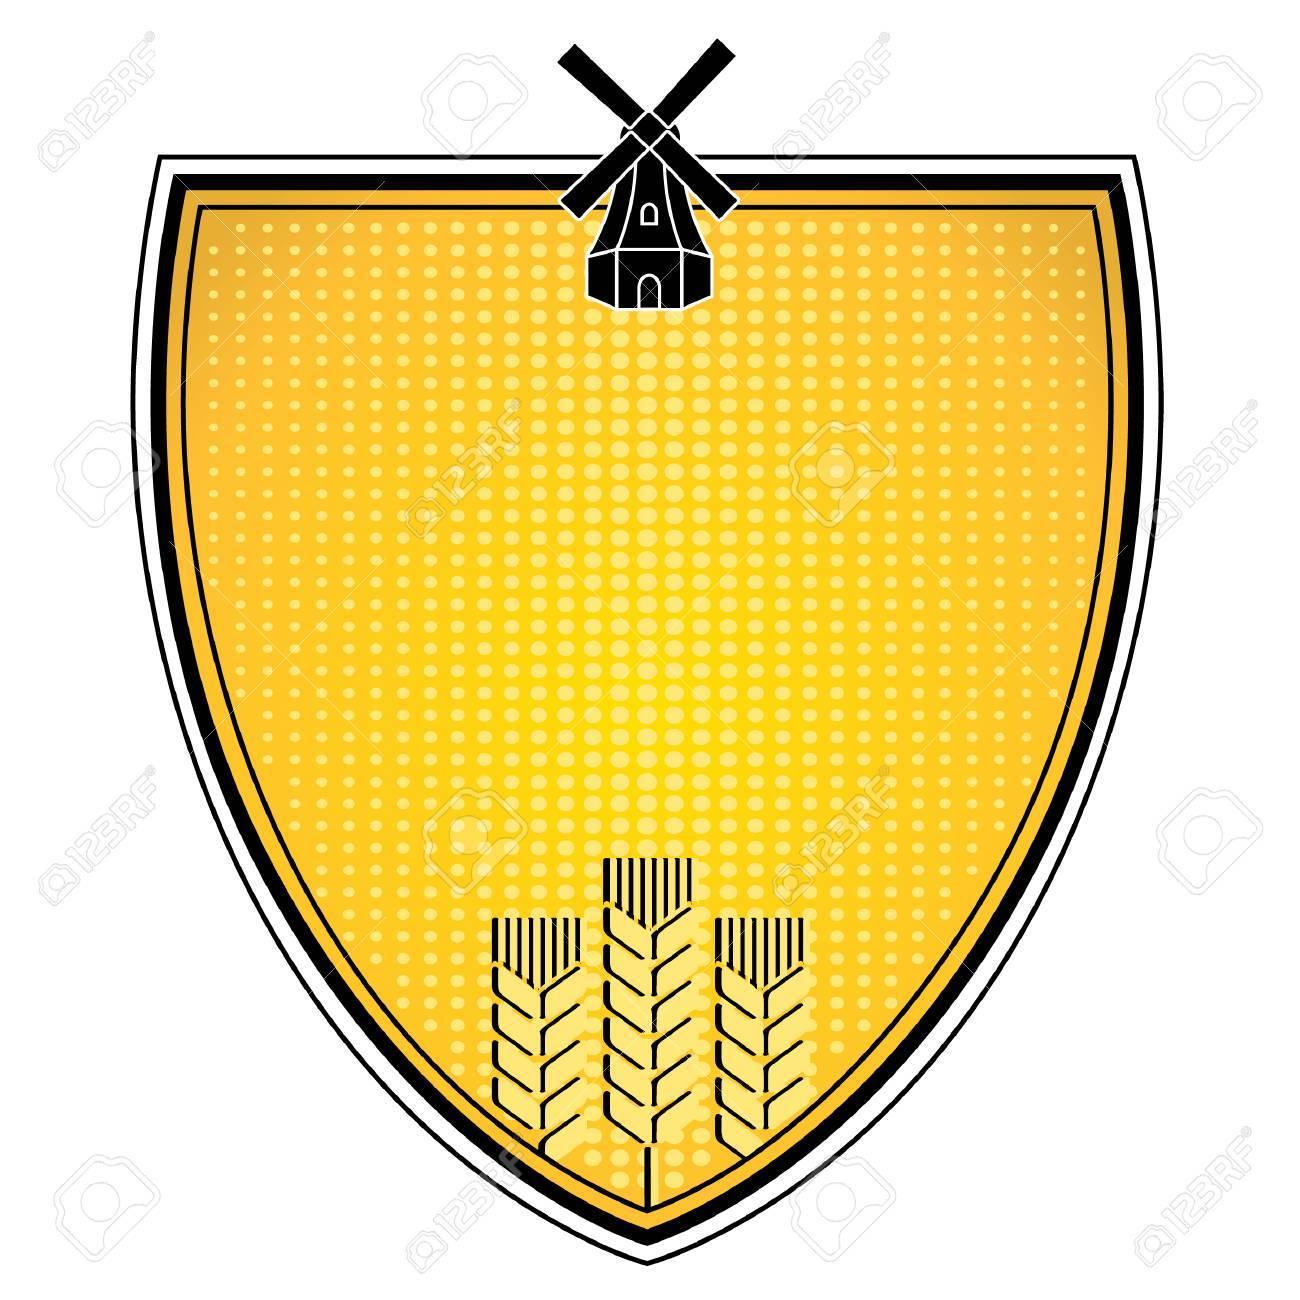 grain emblem Stock Vector - 7586785